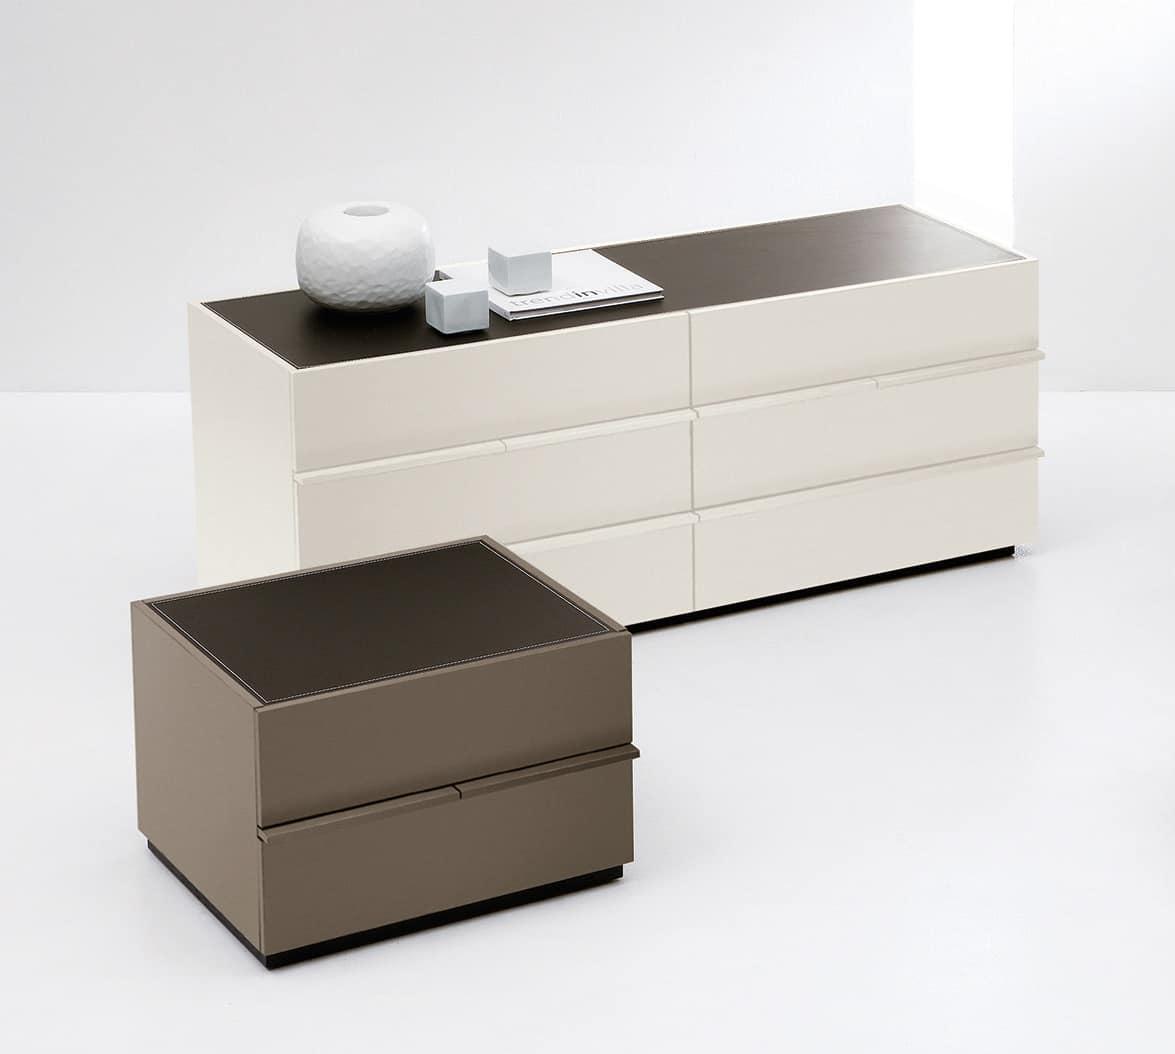 Com moderno in stile minimale per camera da letto idfdesign - Cassettiere camera da letto design ...